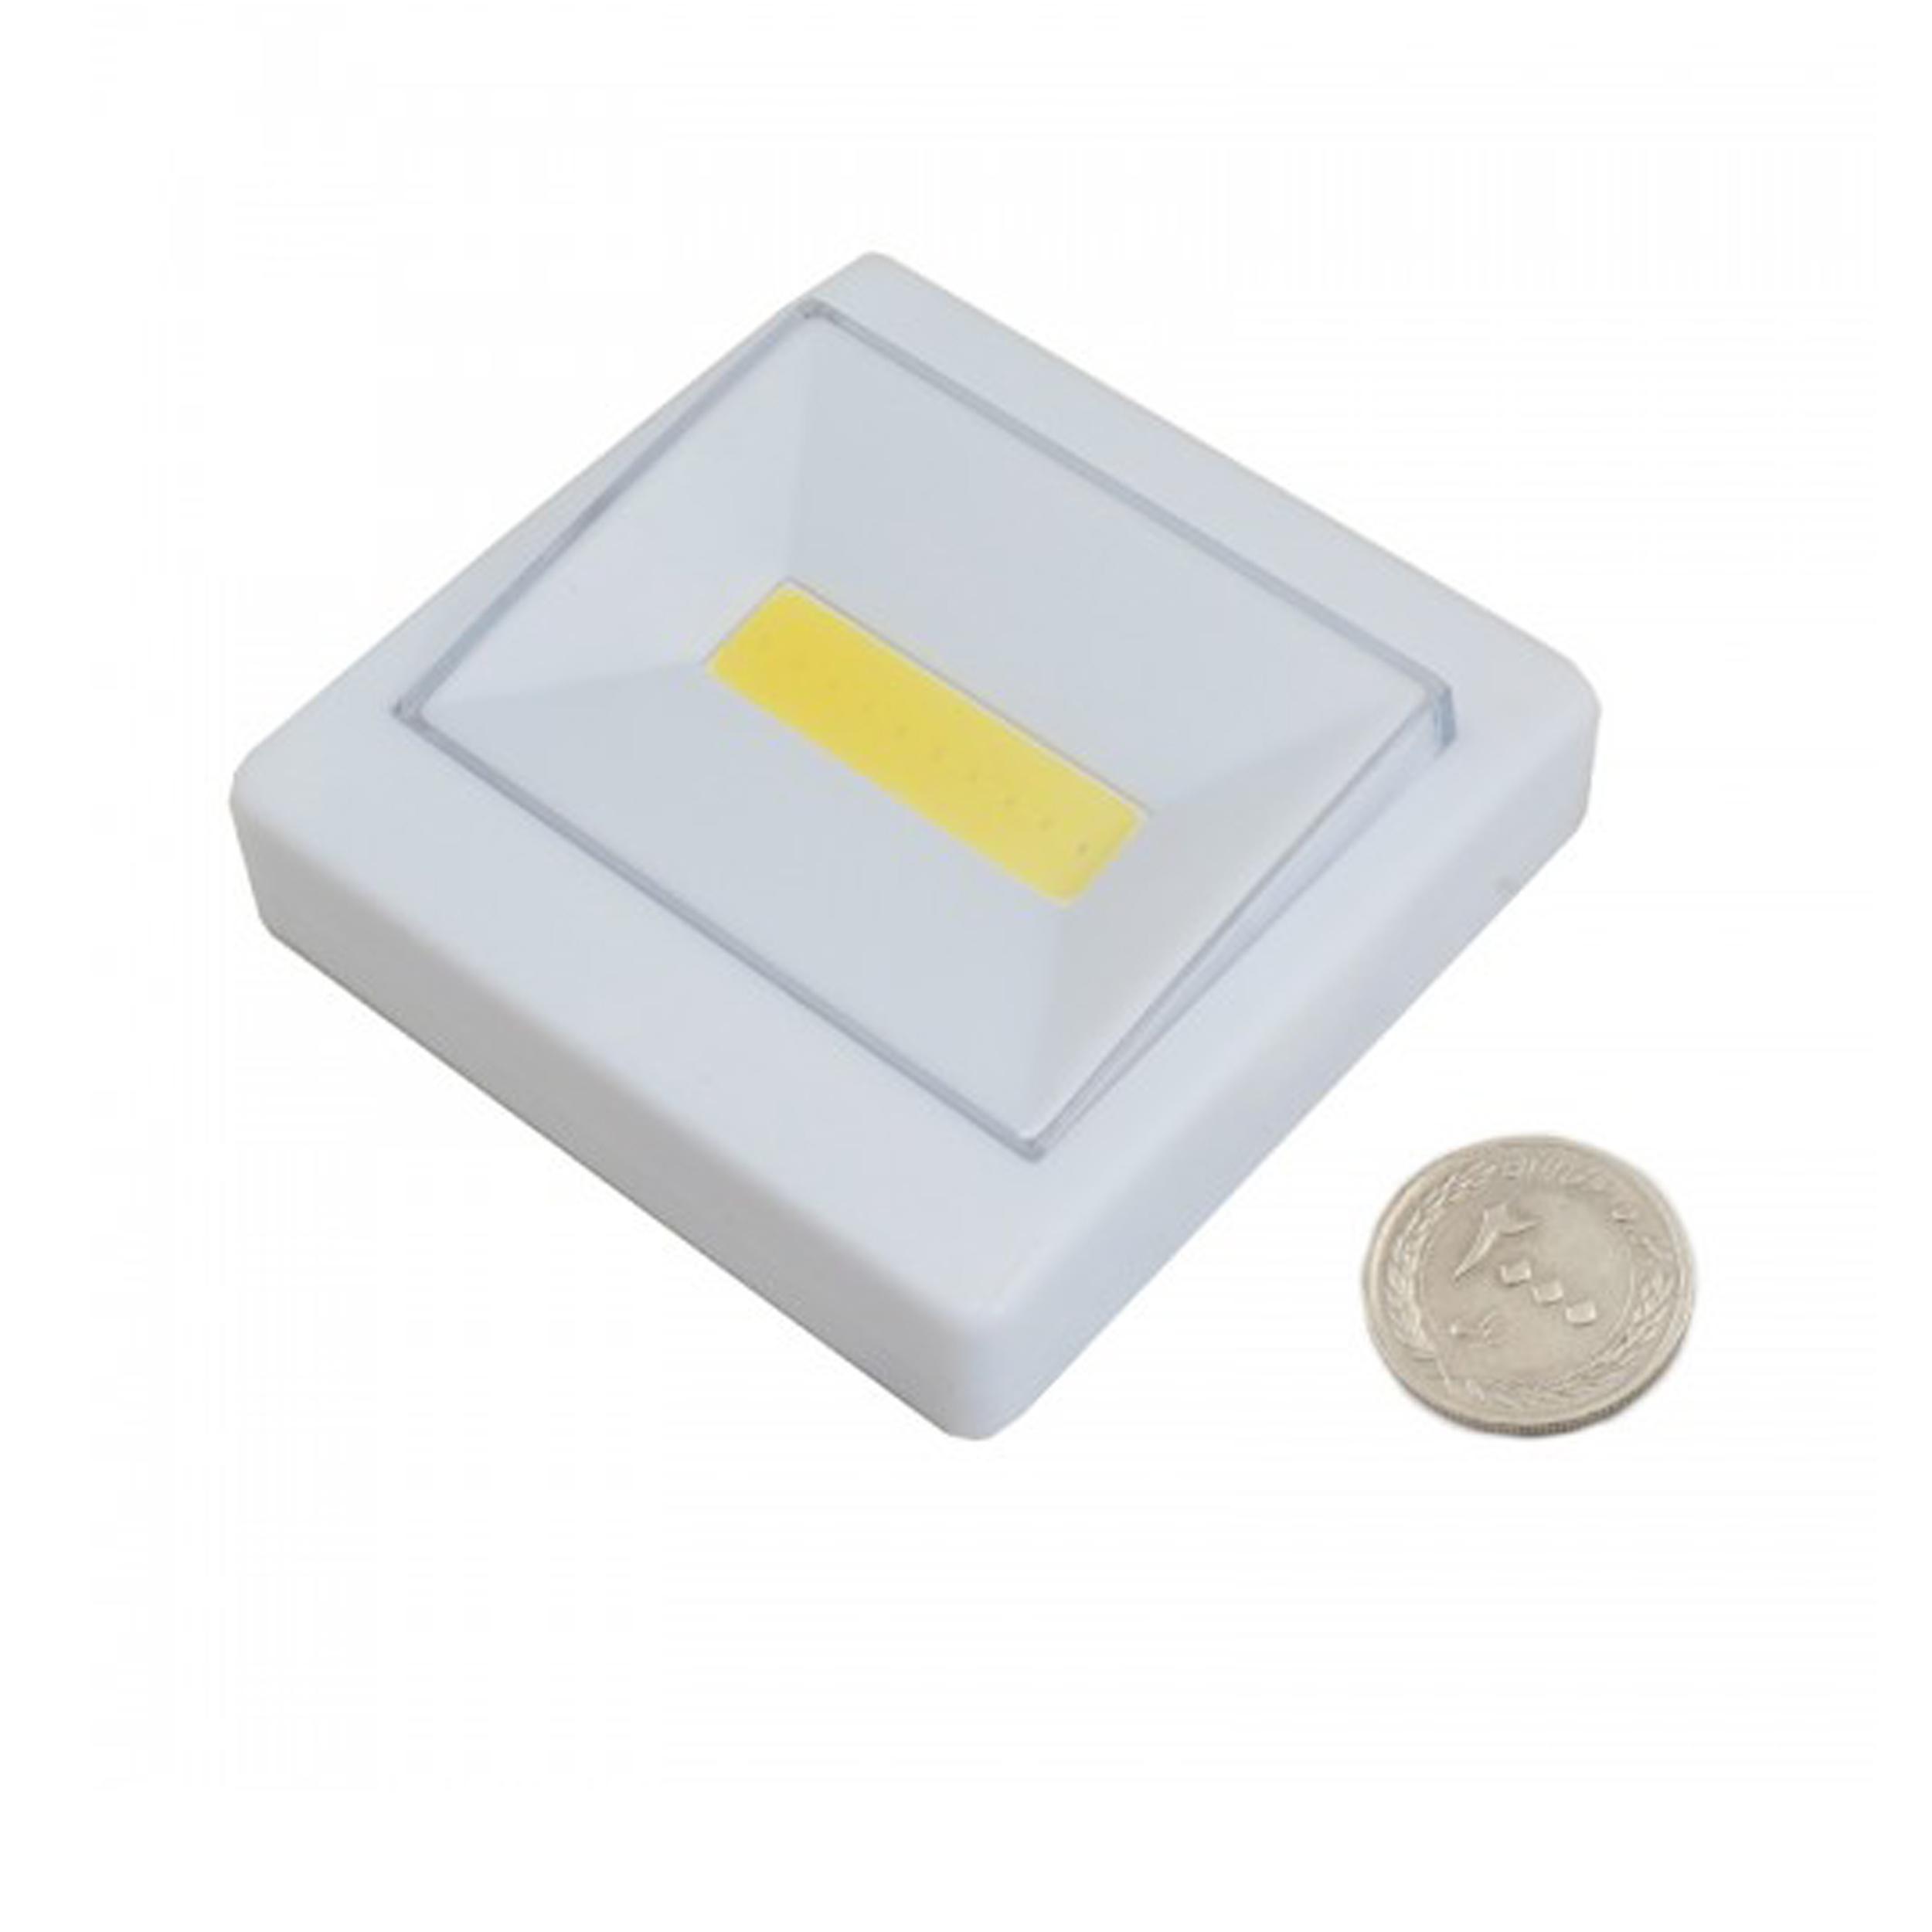 لامپ ال ای دی مدل L12